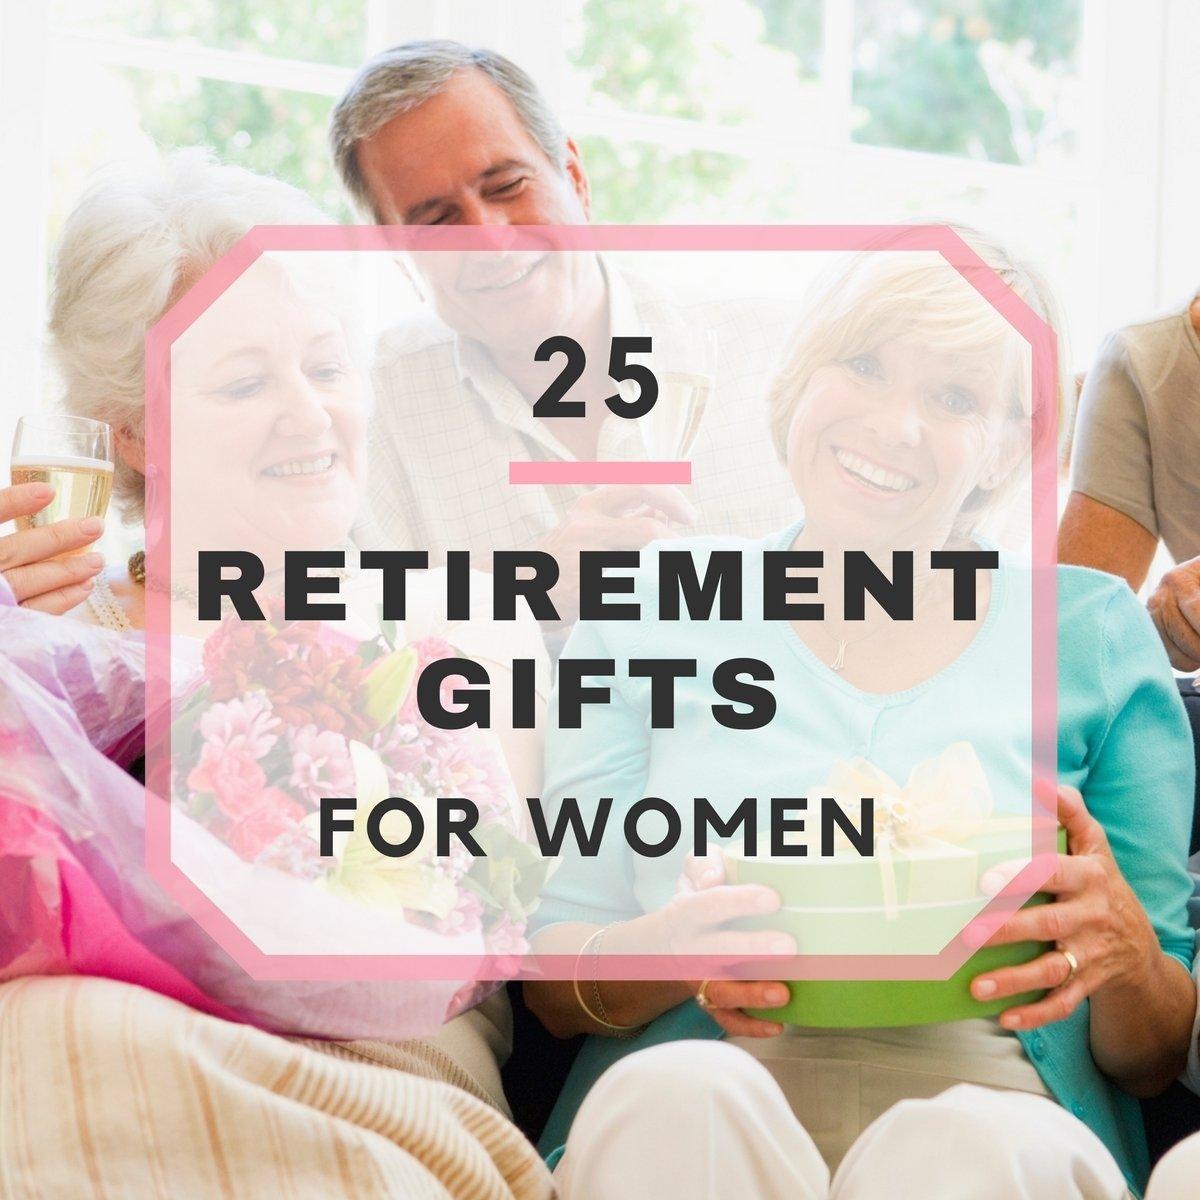 10 Elegant Retirement Gift Ideas For Women 25 retirement gifts for women 2020